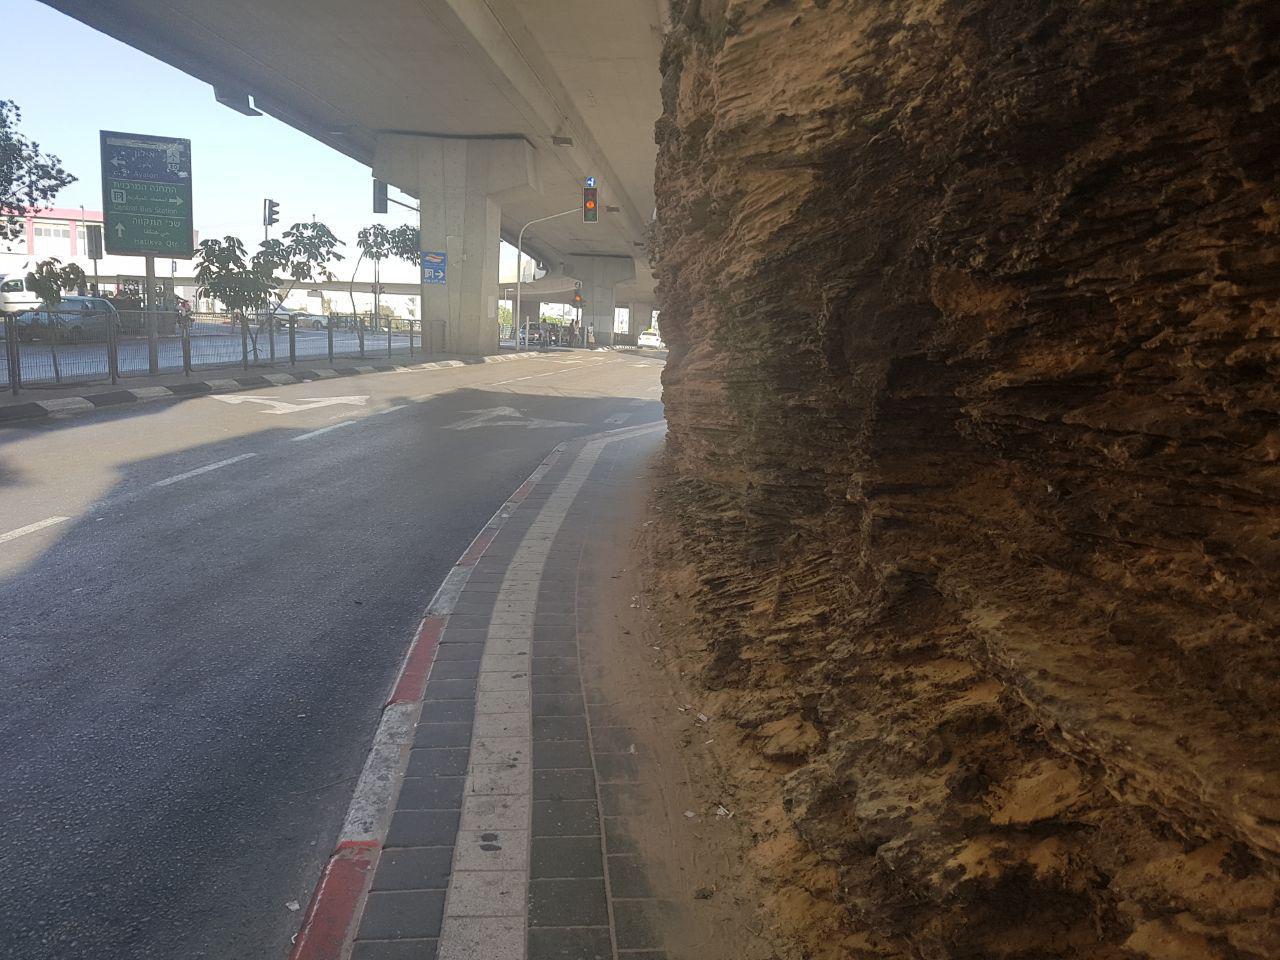 זו המדרכה להולכי הרגל בתחנה המרכזית בתל אביב (צילום: אסף זגריזק)